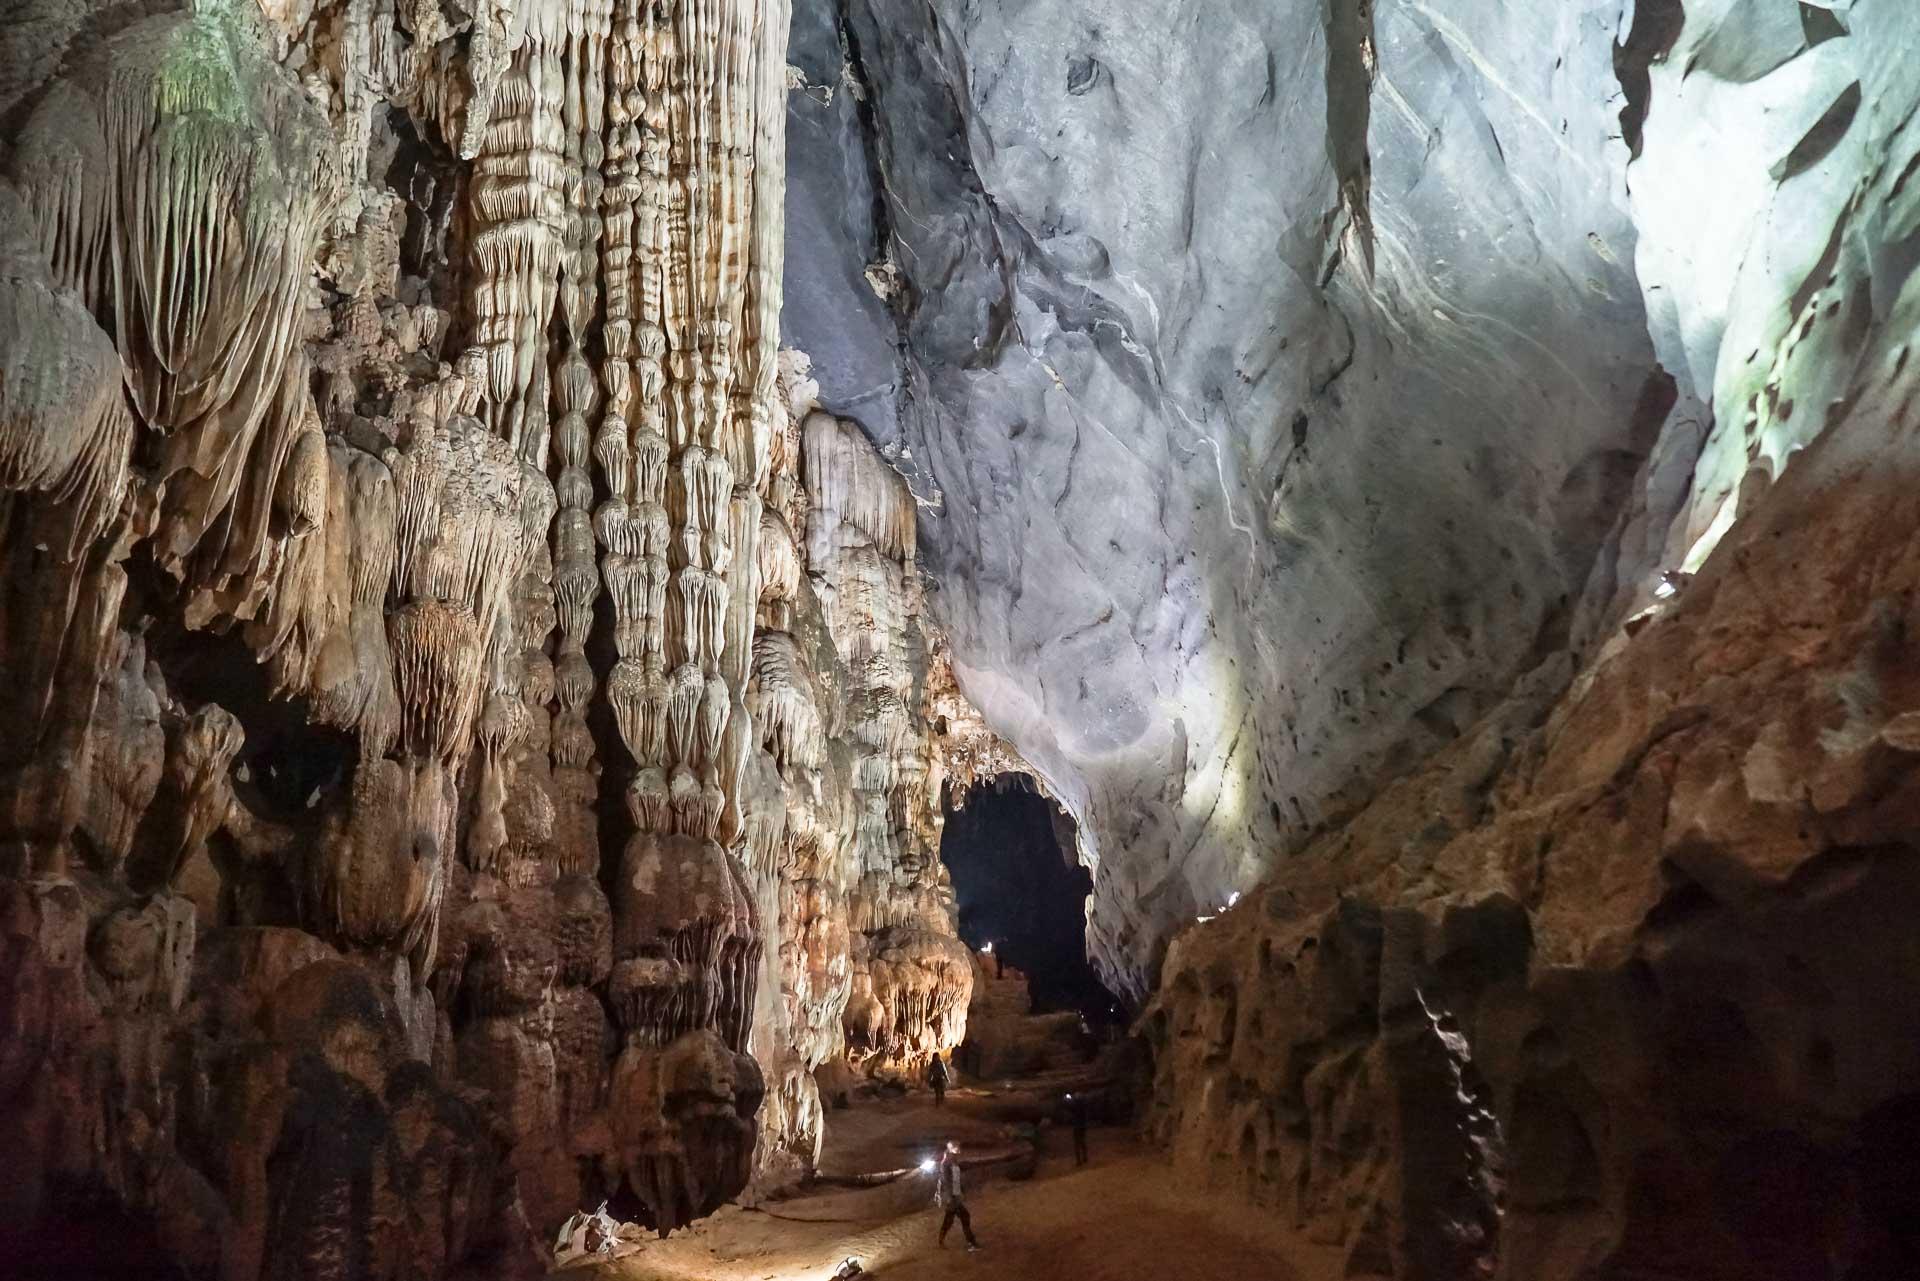 LesVoyageuses-Vietnam-Phong-Nha-Caves-Nature-63